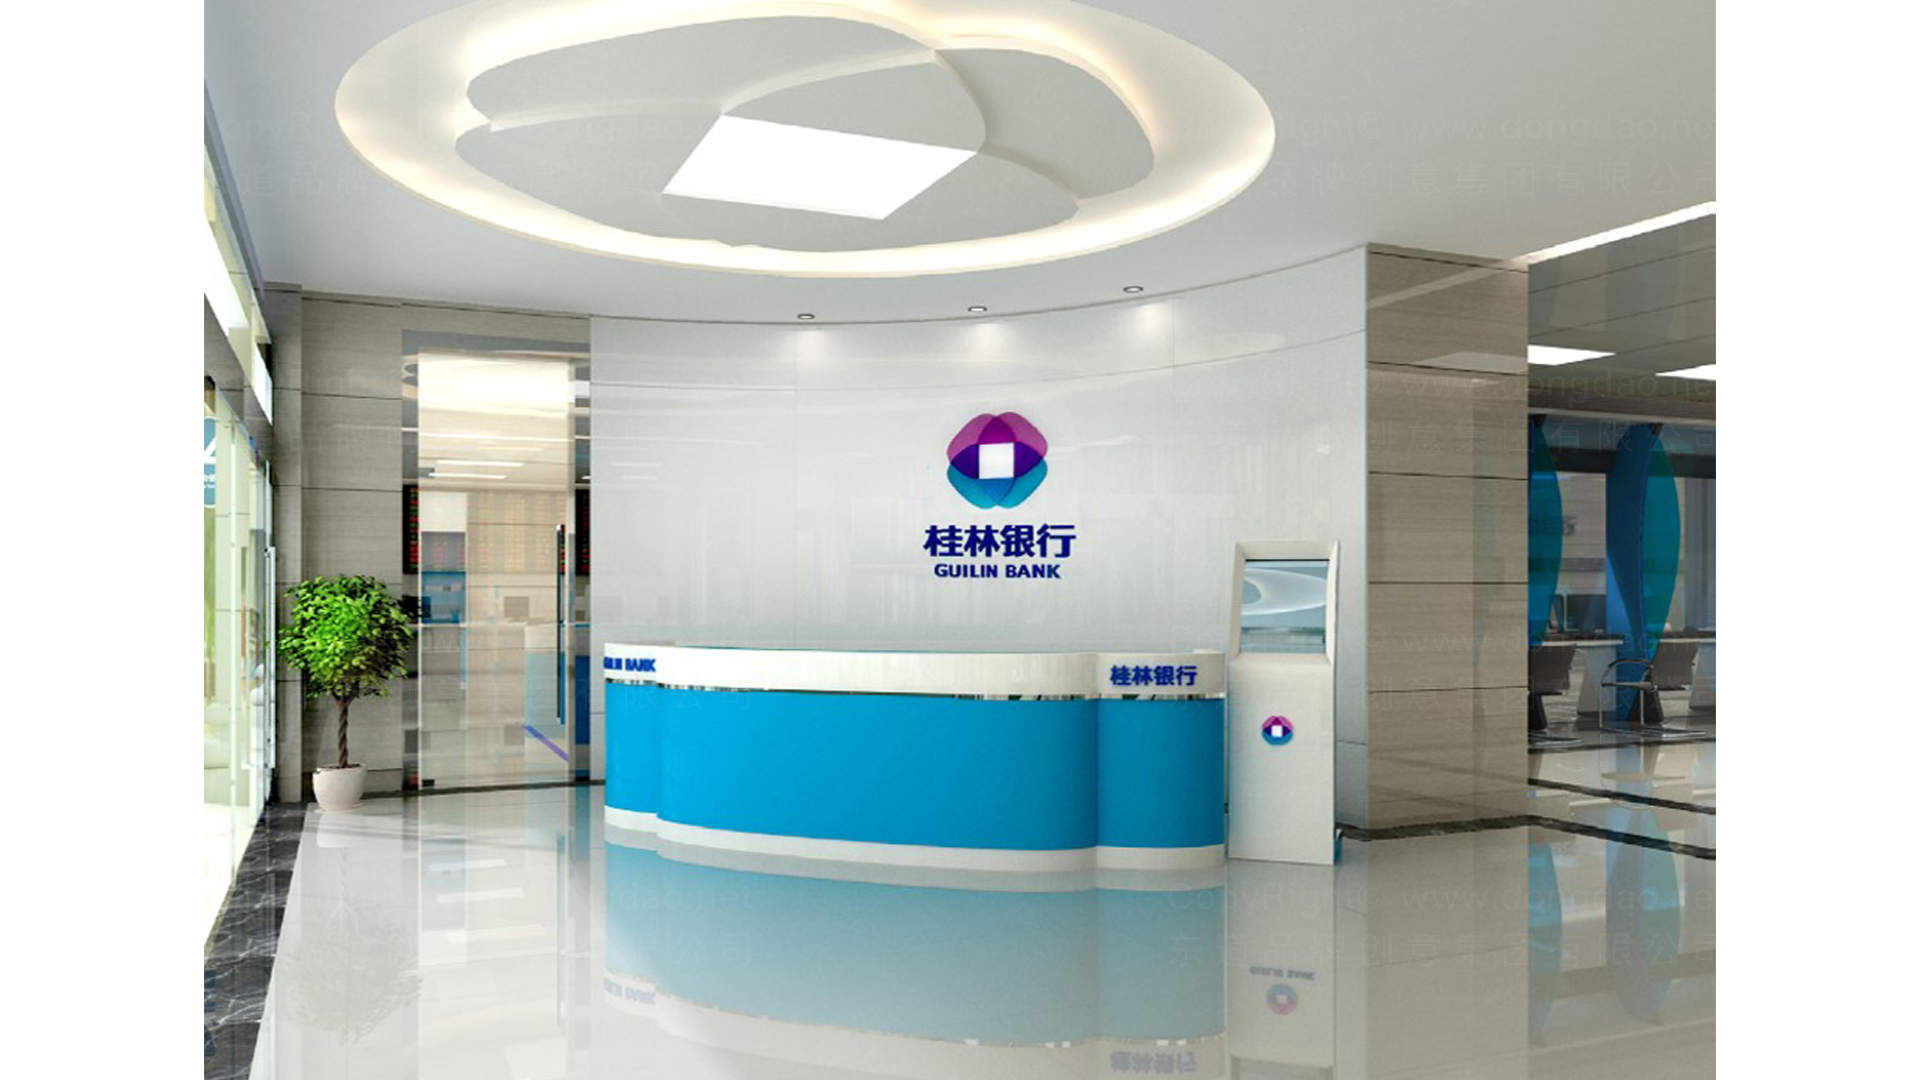 商业空间&导示桂林银行SI设计应用场景